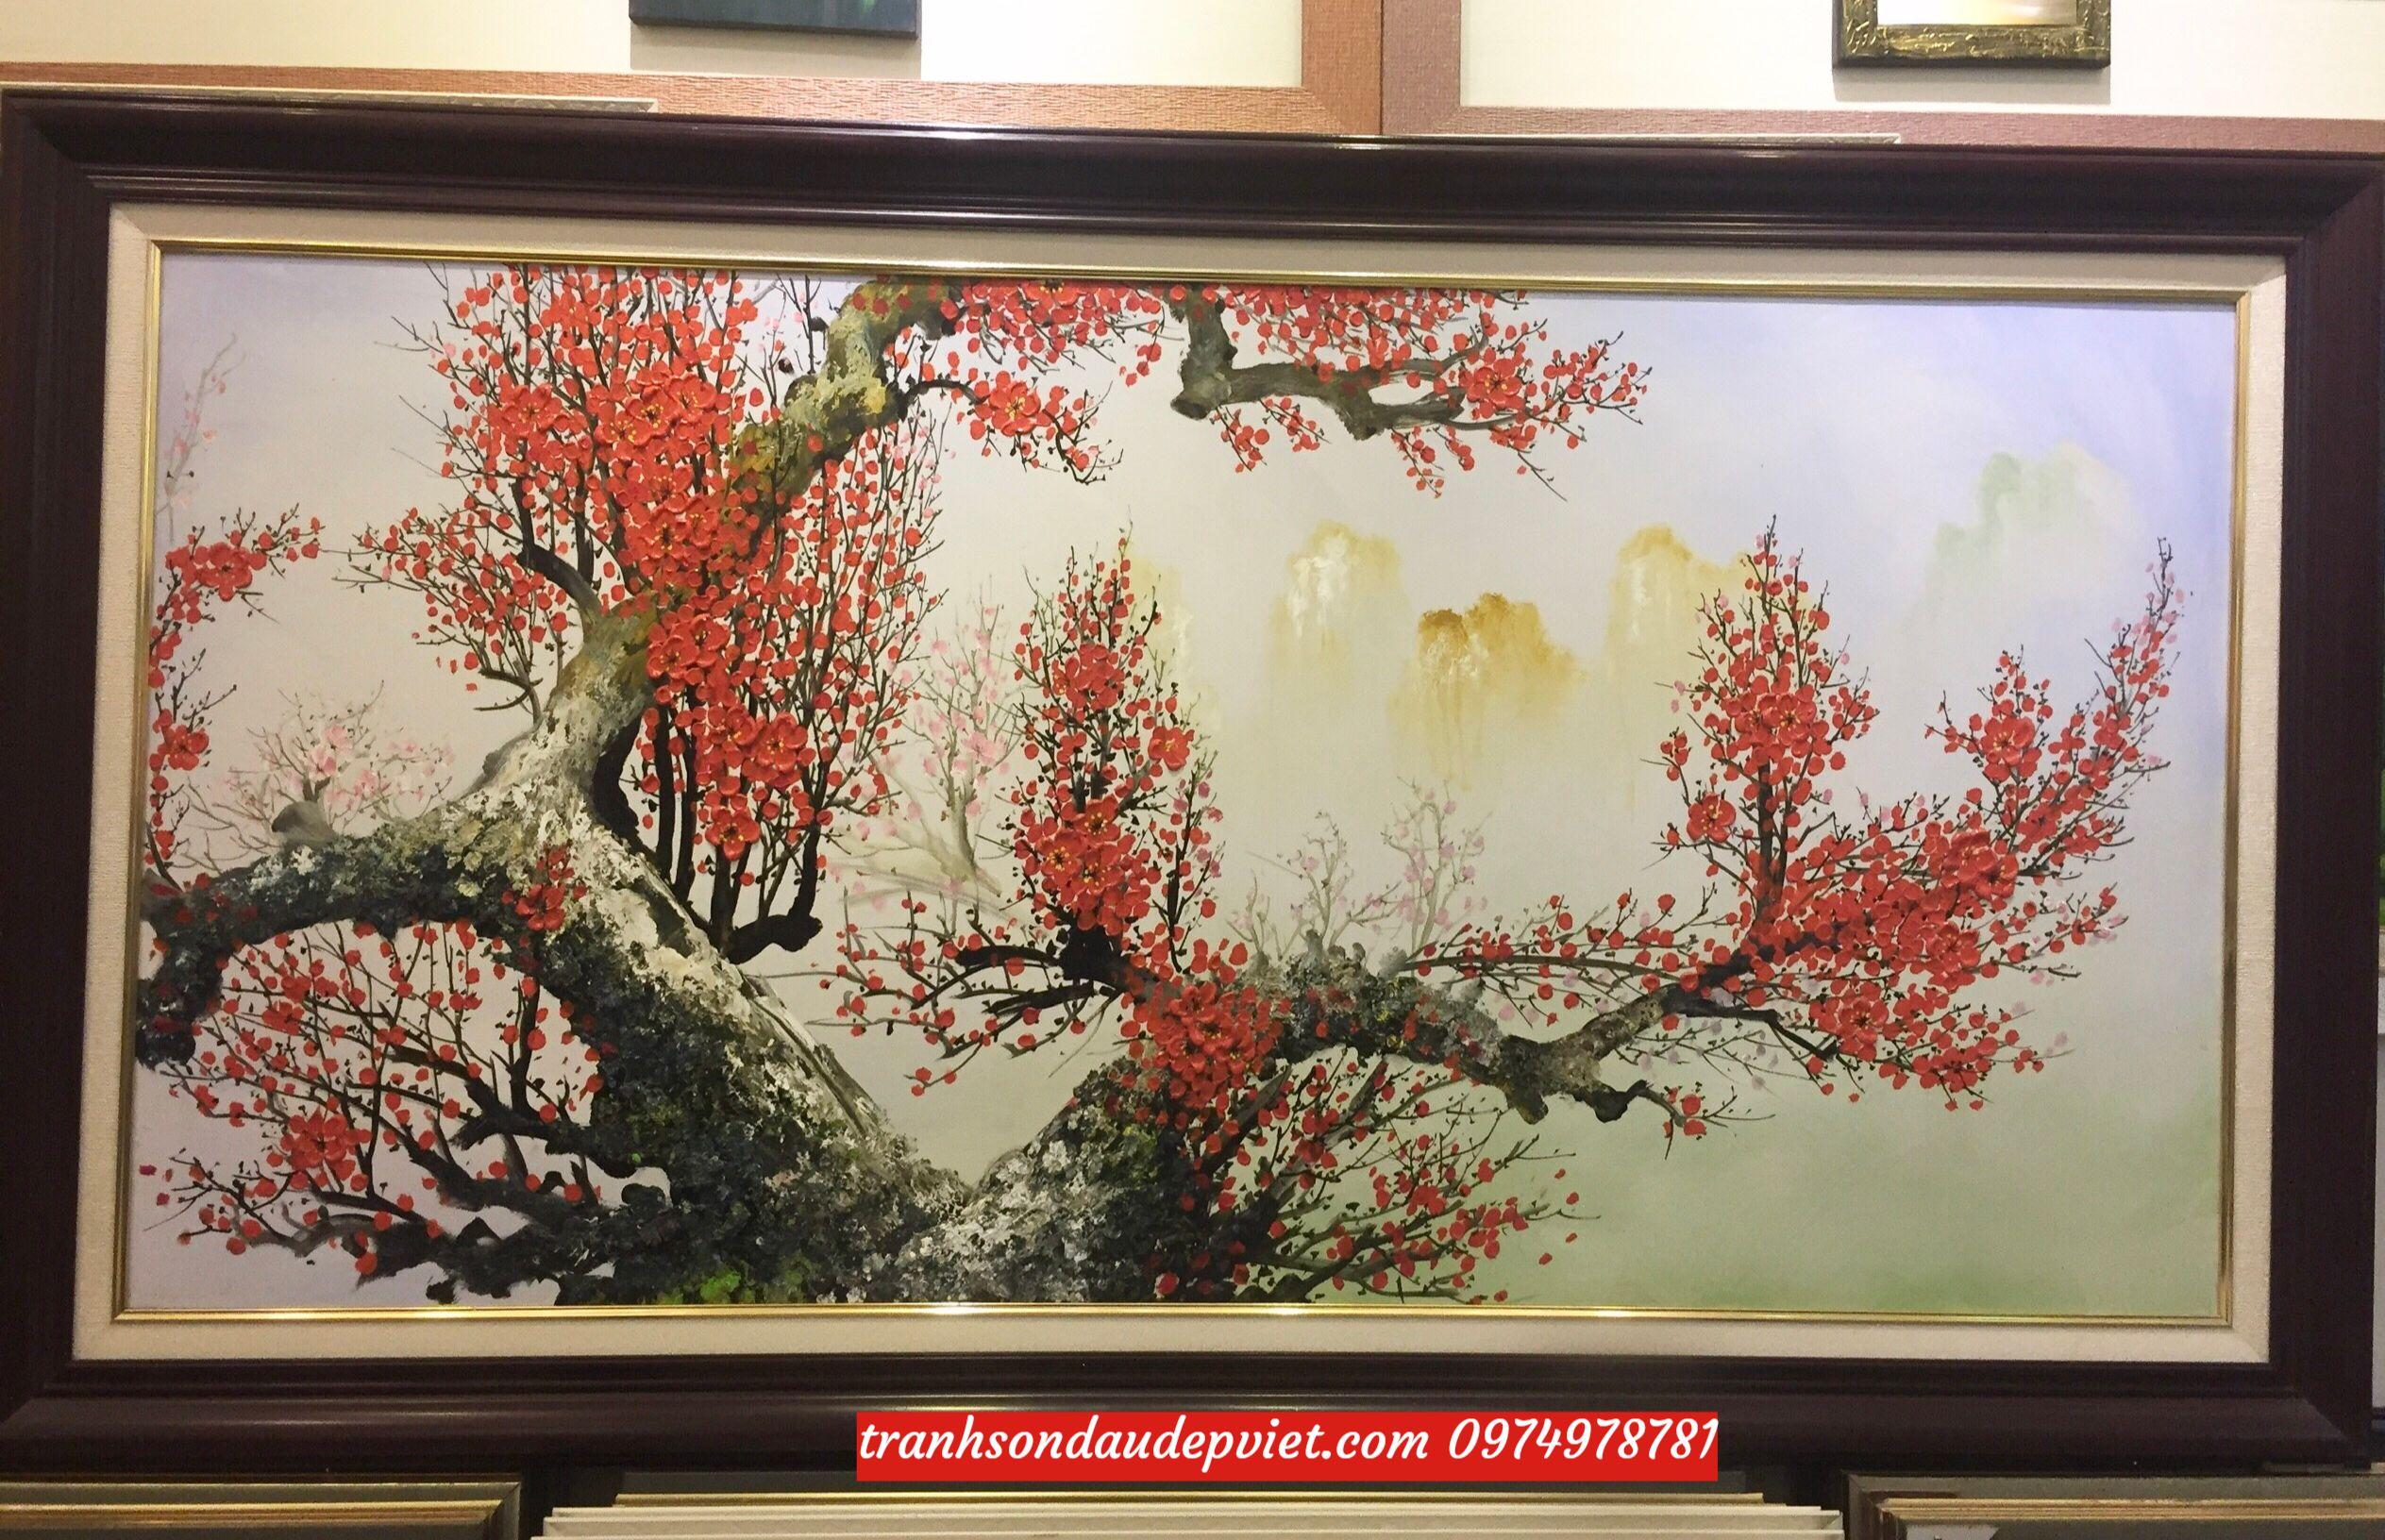 Tranh hoa đào tranh sơn dầu hoa đào treo phòng khách SB077